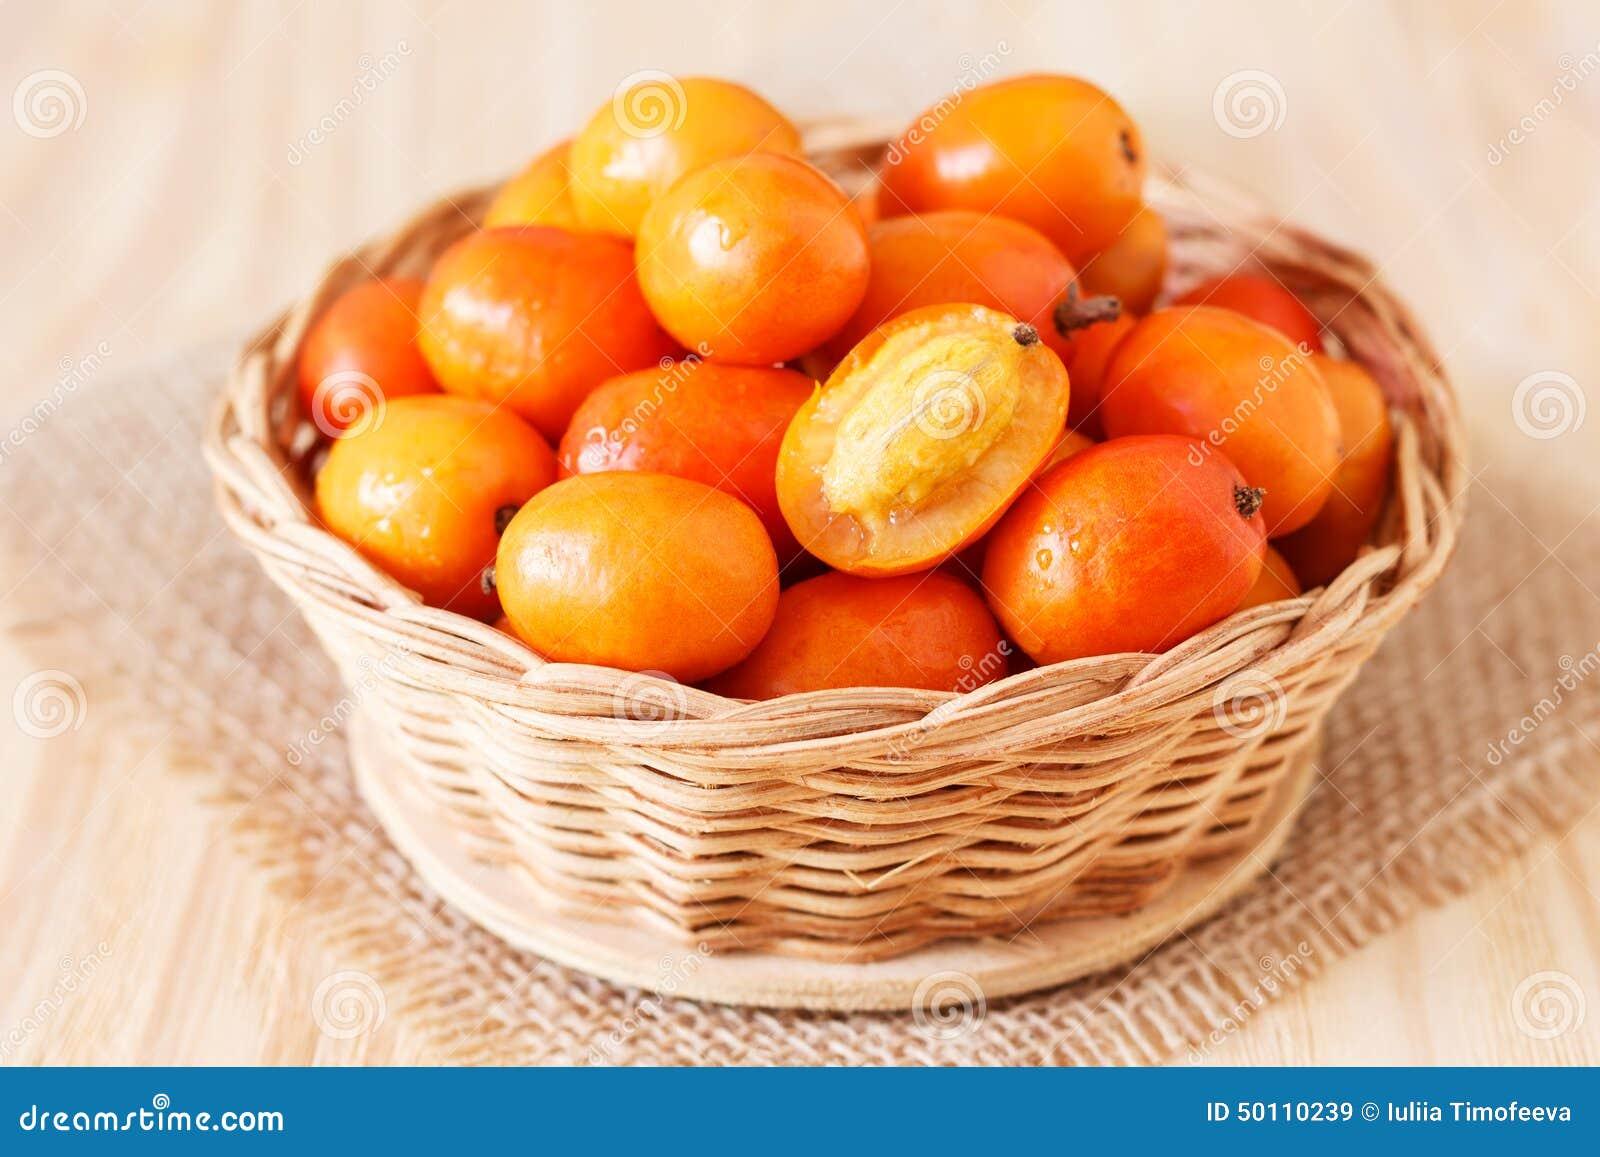 Fruit Jocote stock image  Image of cashew, mexico, region